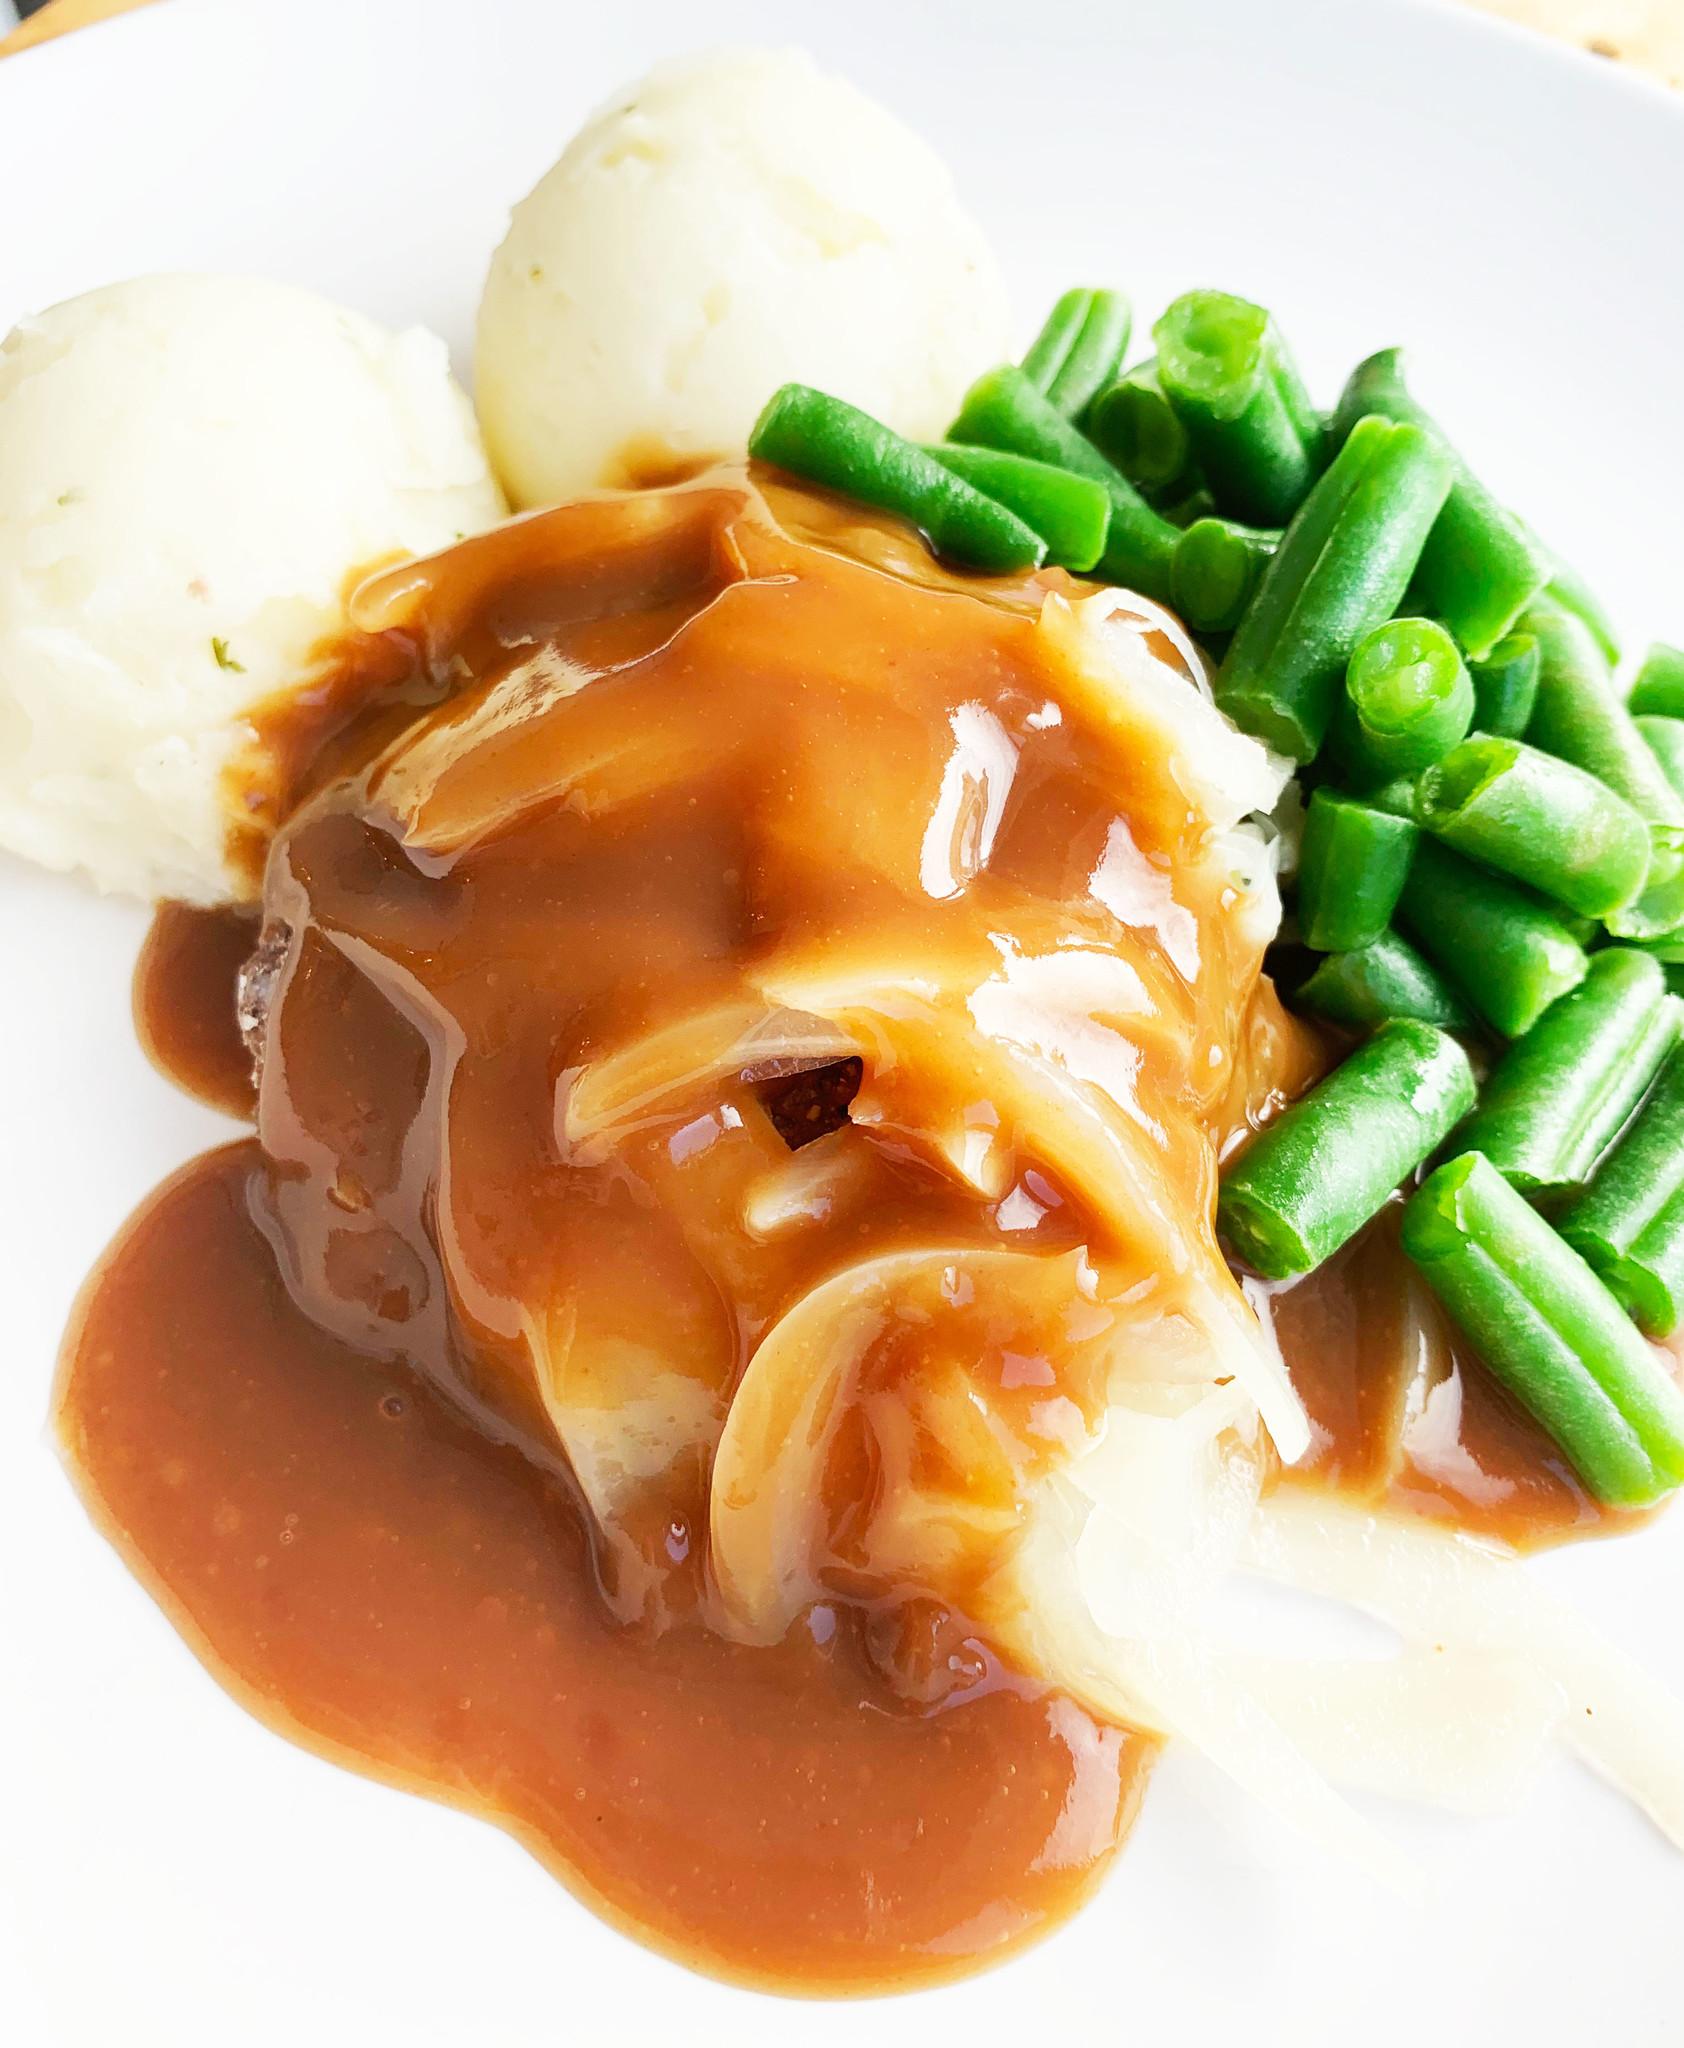 Steak hâché & oignons en sauce, haricots verts & purée (325g)